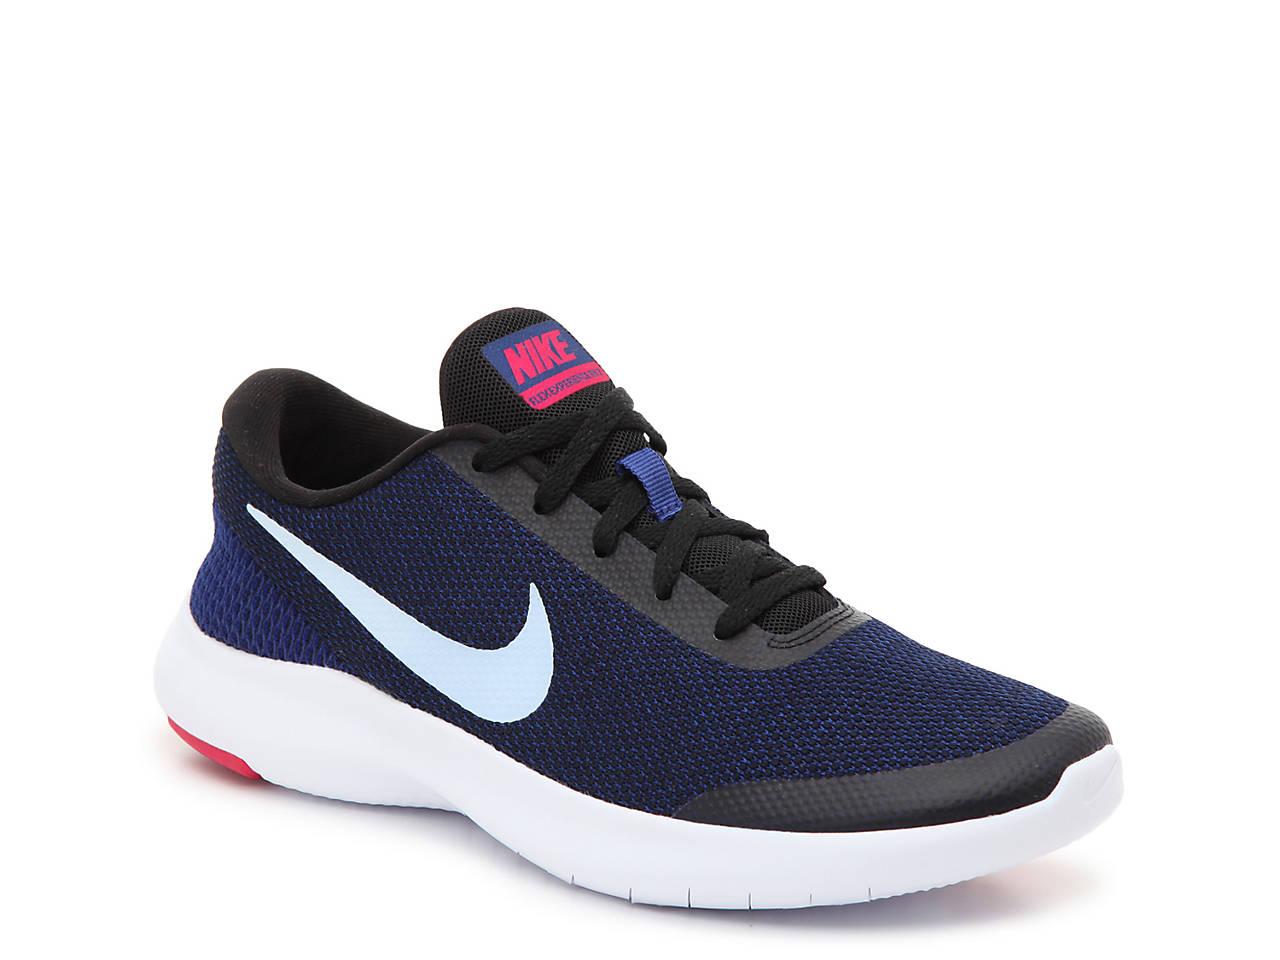 Nike Flex Experience RN 7 Lightweight Running Shoe - Women s Women s ... d593282772